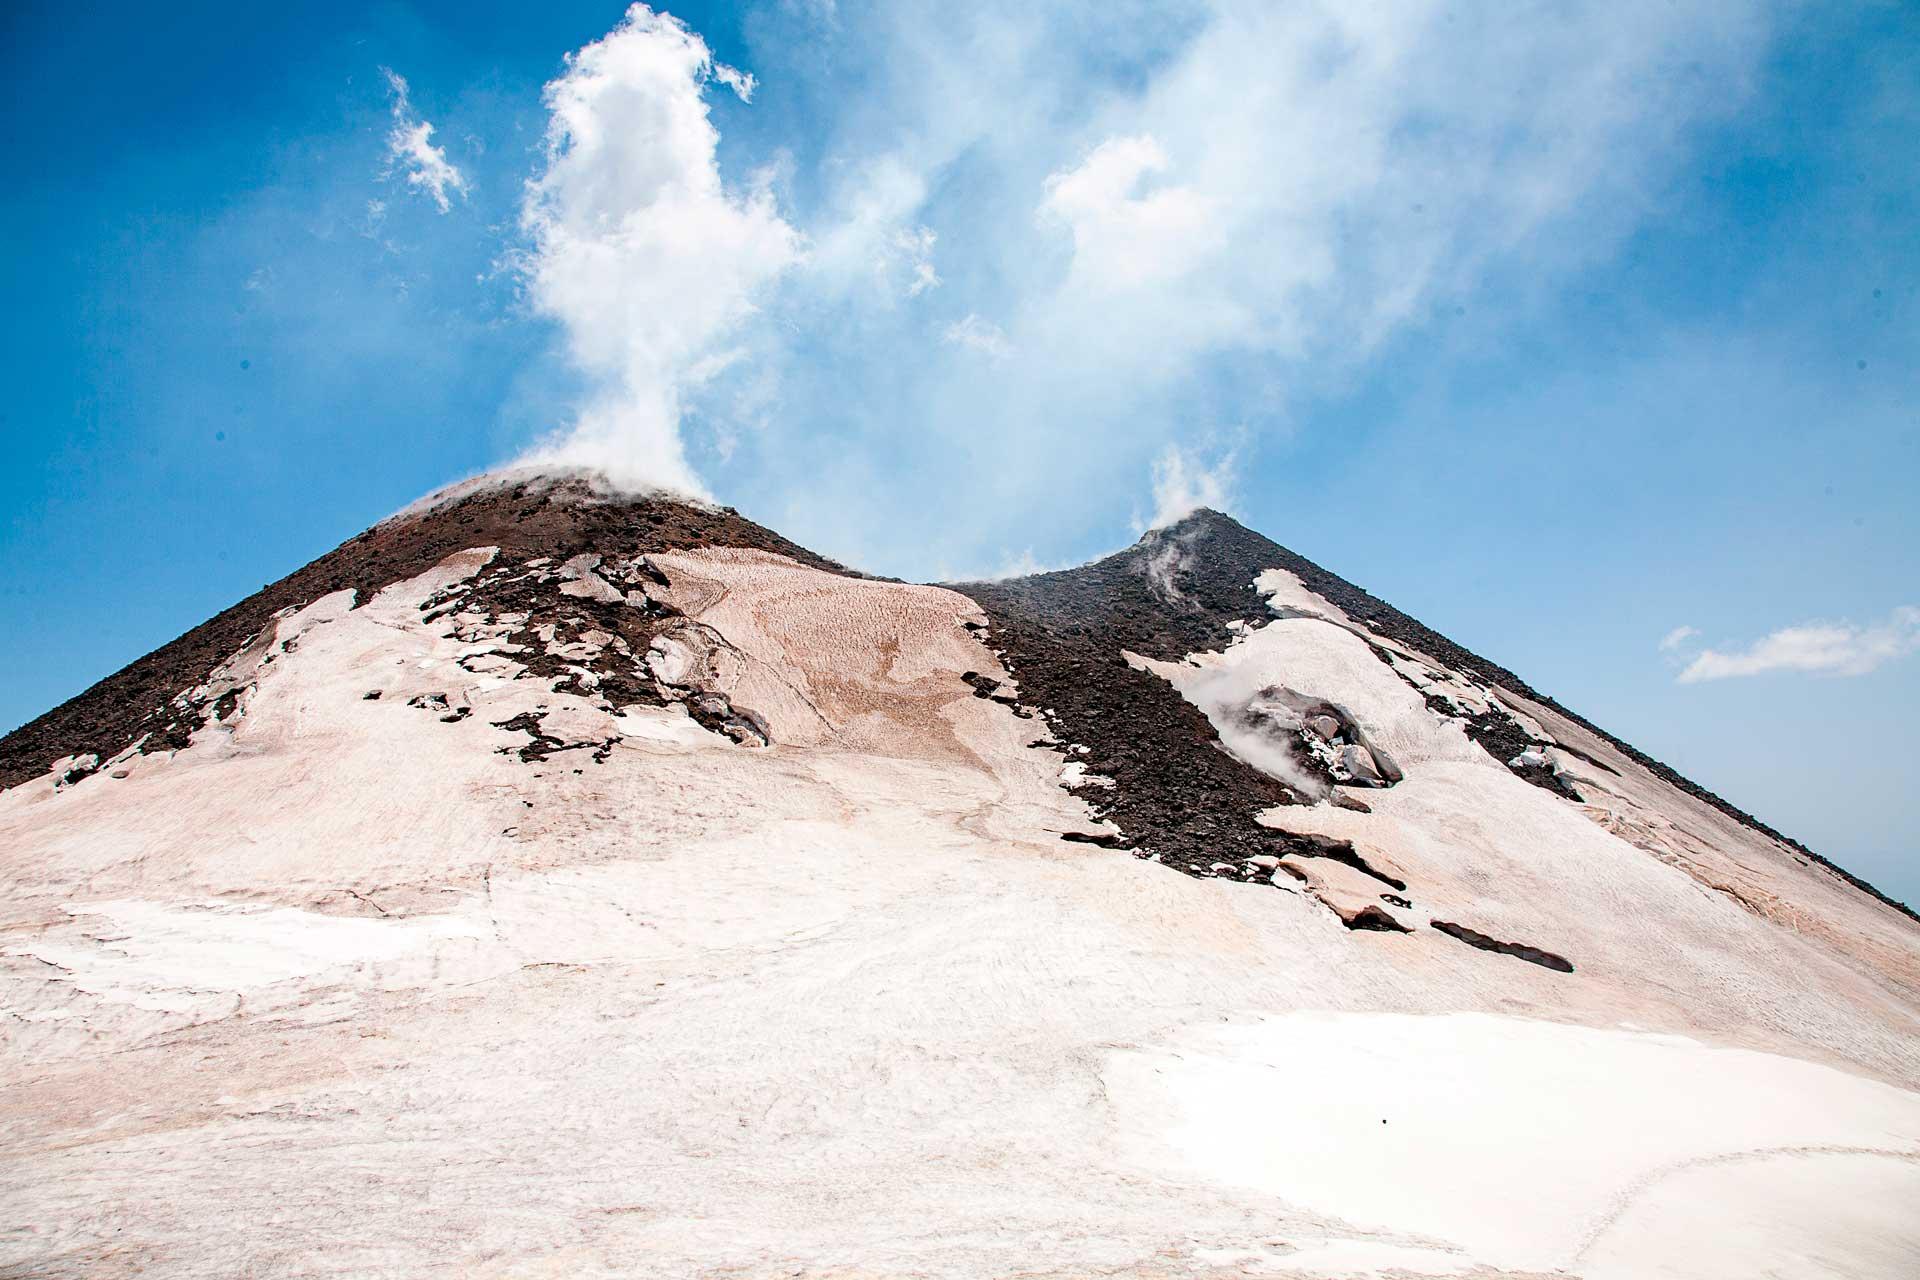 Oggi, il Cratere di Nord-Est continua ad essere, seppur di poco, il punto pi? alto dell?Etna - 3324 m sul livello del mare.